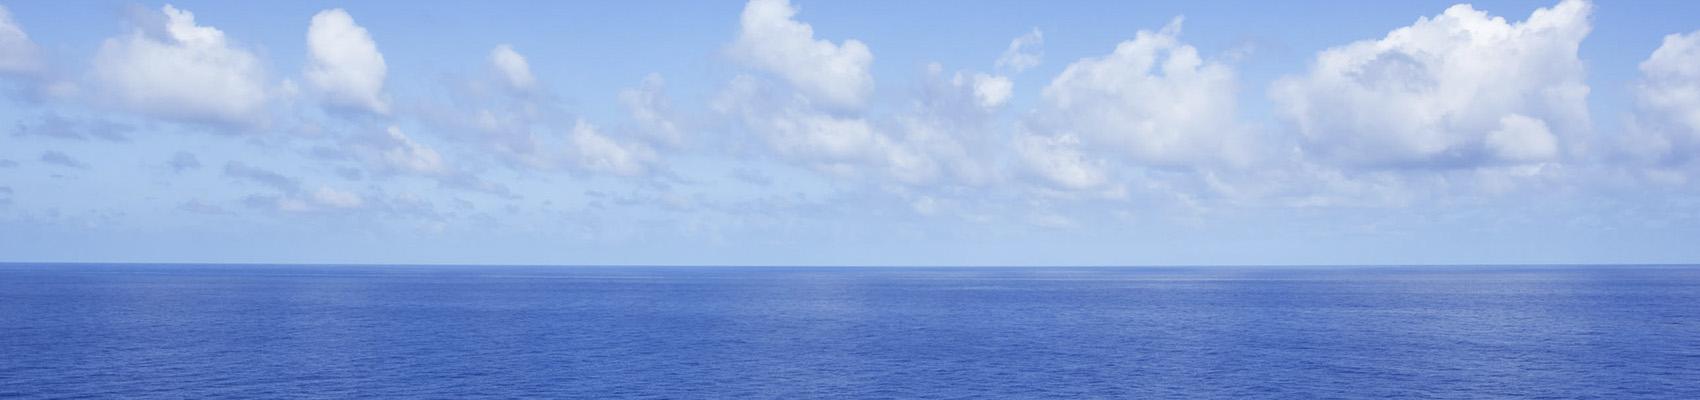 slider-oceansky